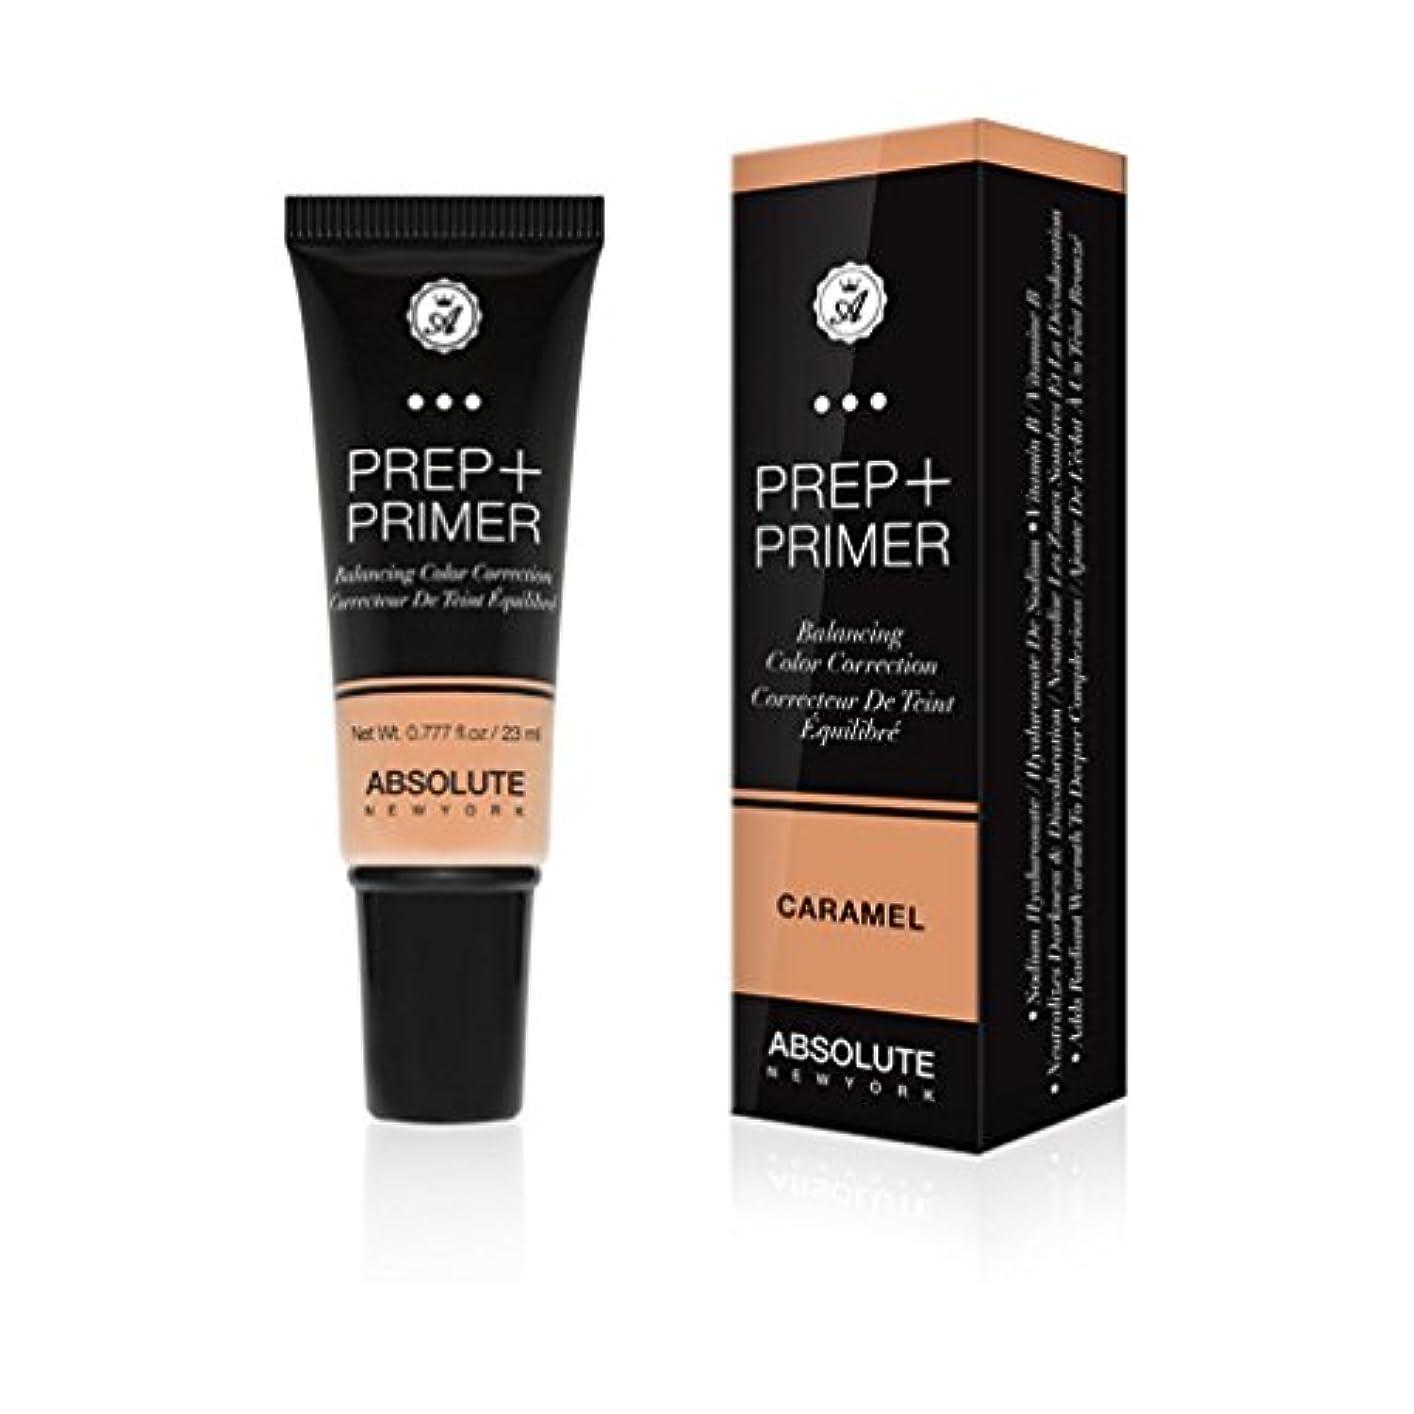 抗生物質価格ぶどう(3 Pack) ABSOLUTE Prep + Primer - Caramel (並行輸入品)